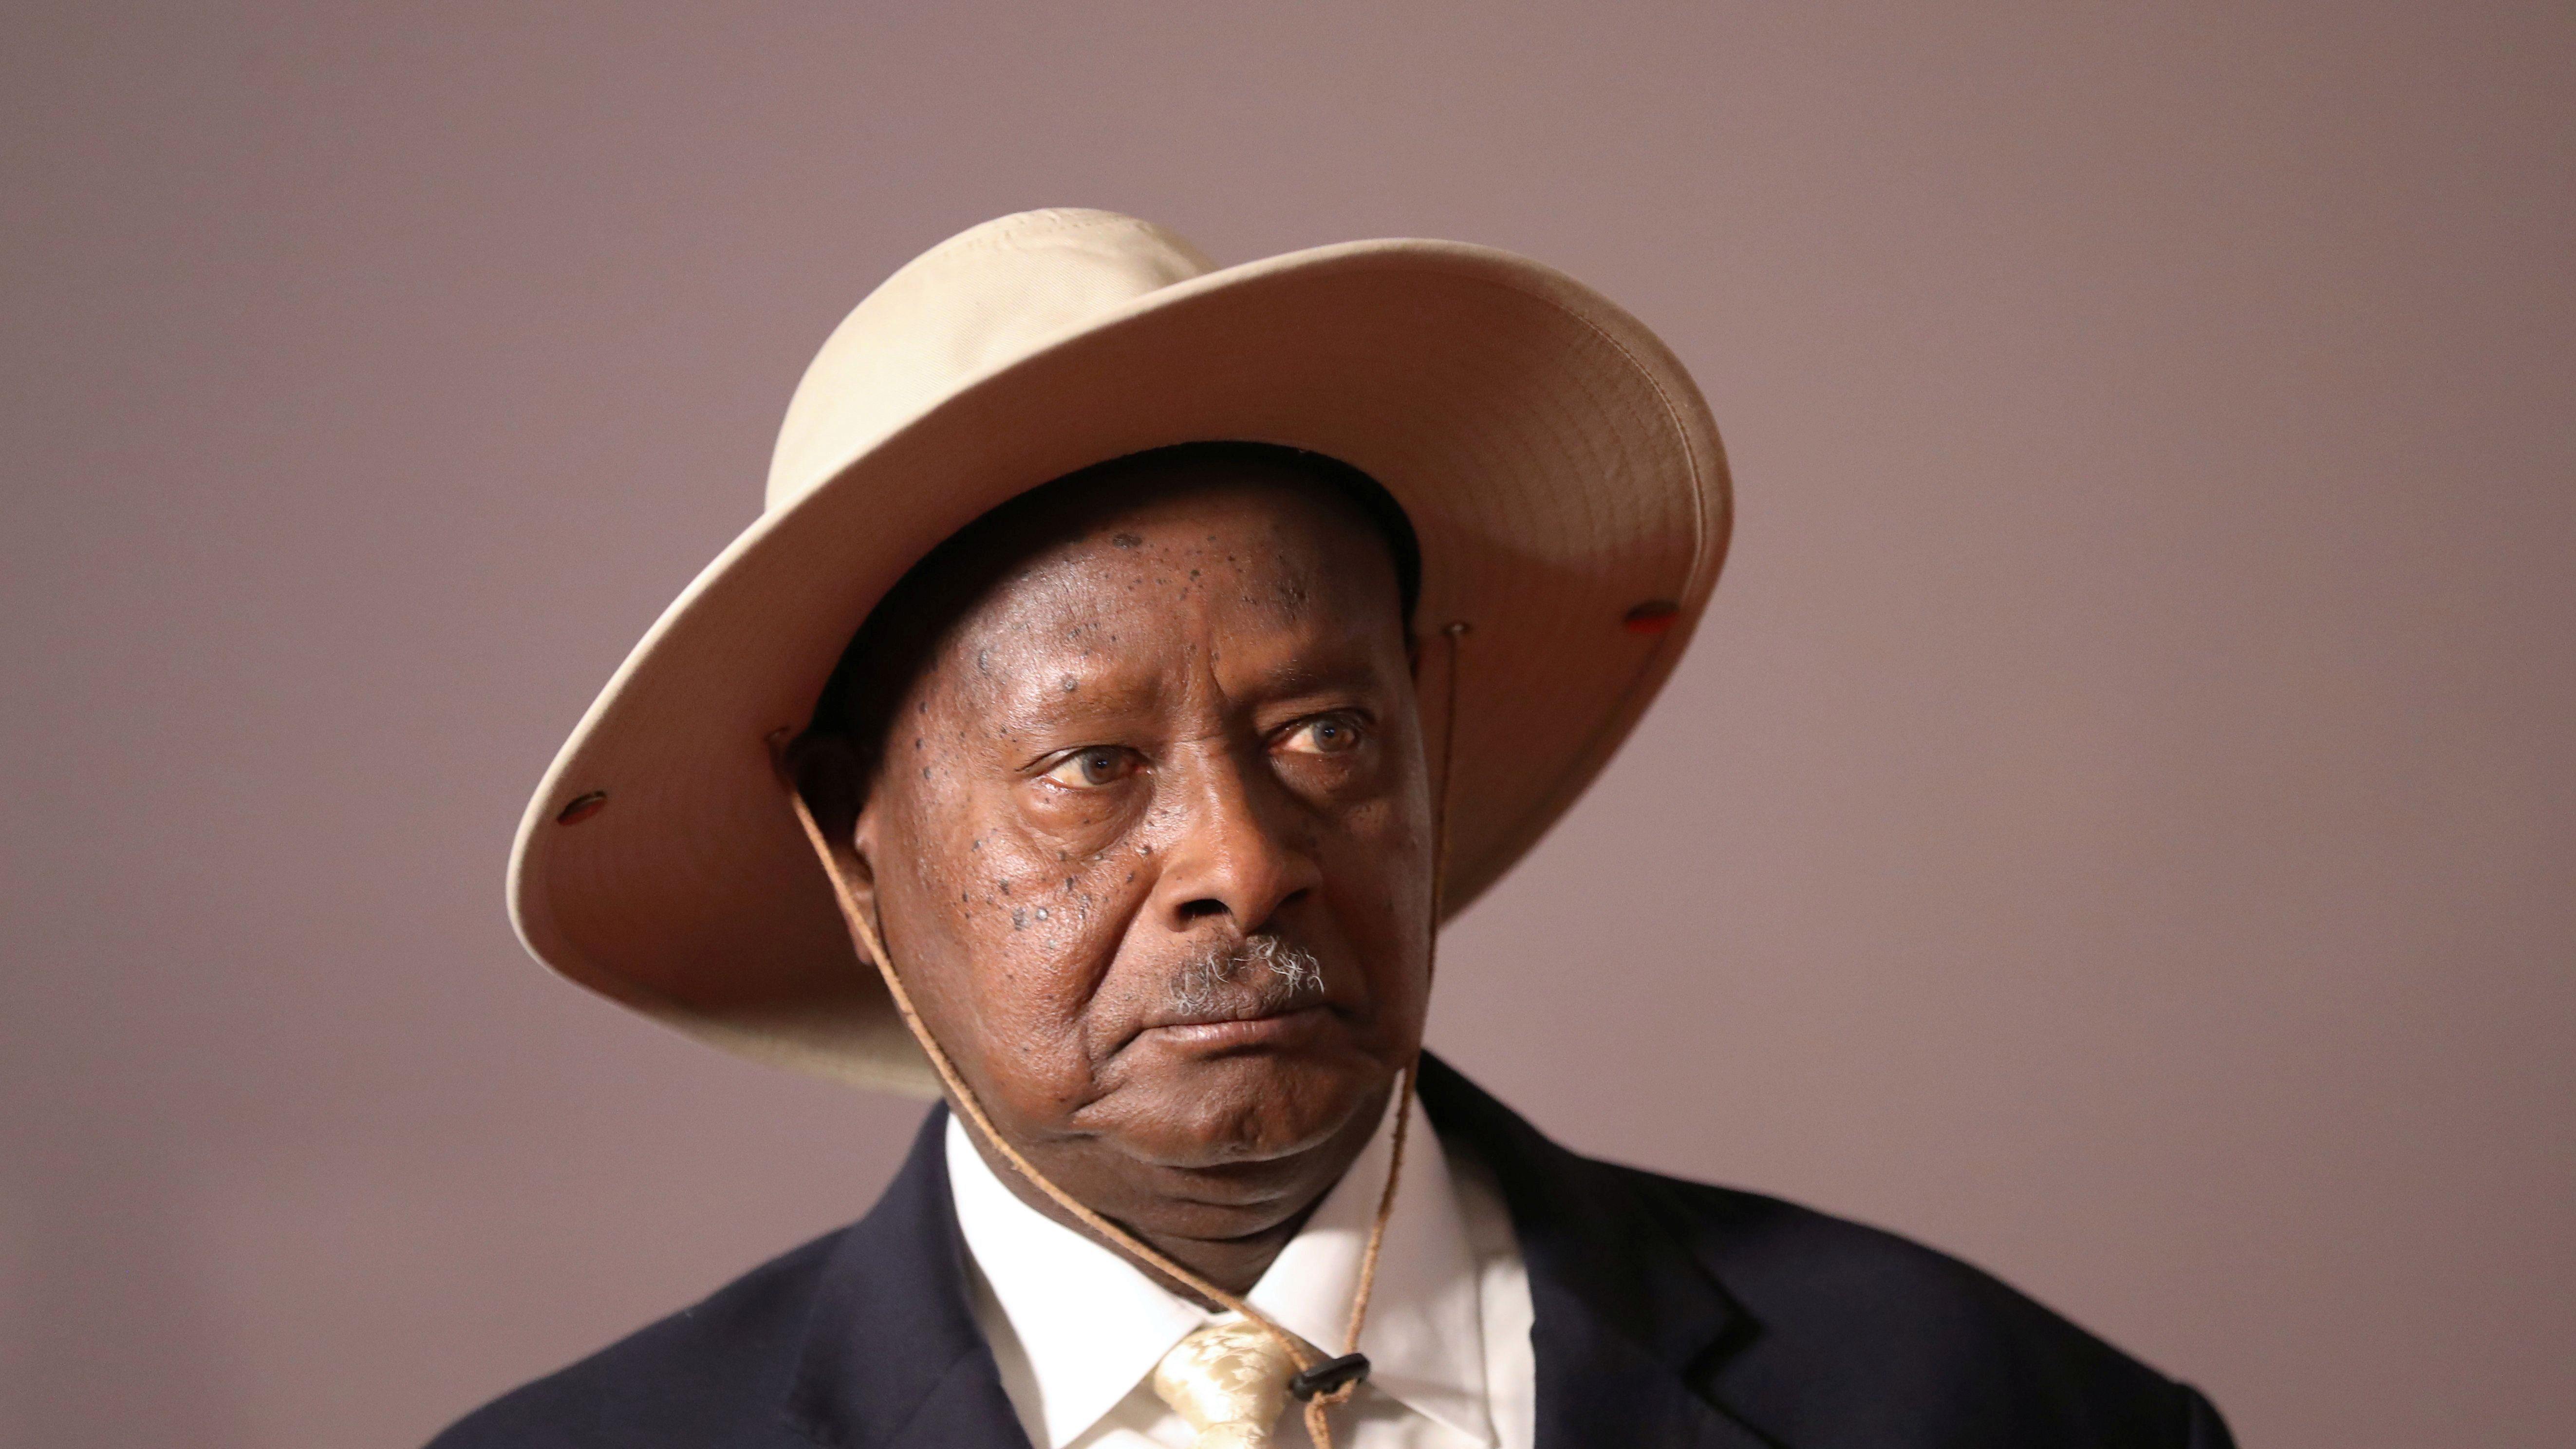 O presidente de Uganda, Yoweri Museveni, chega para uma foto de grupo na reunião de cúpula do BRICS em Joanesburgo, África do Sul, em 27 de julho de 2018.